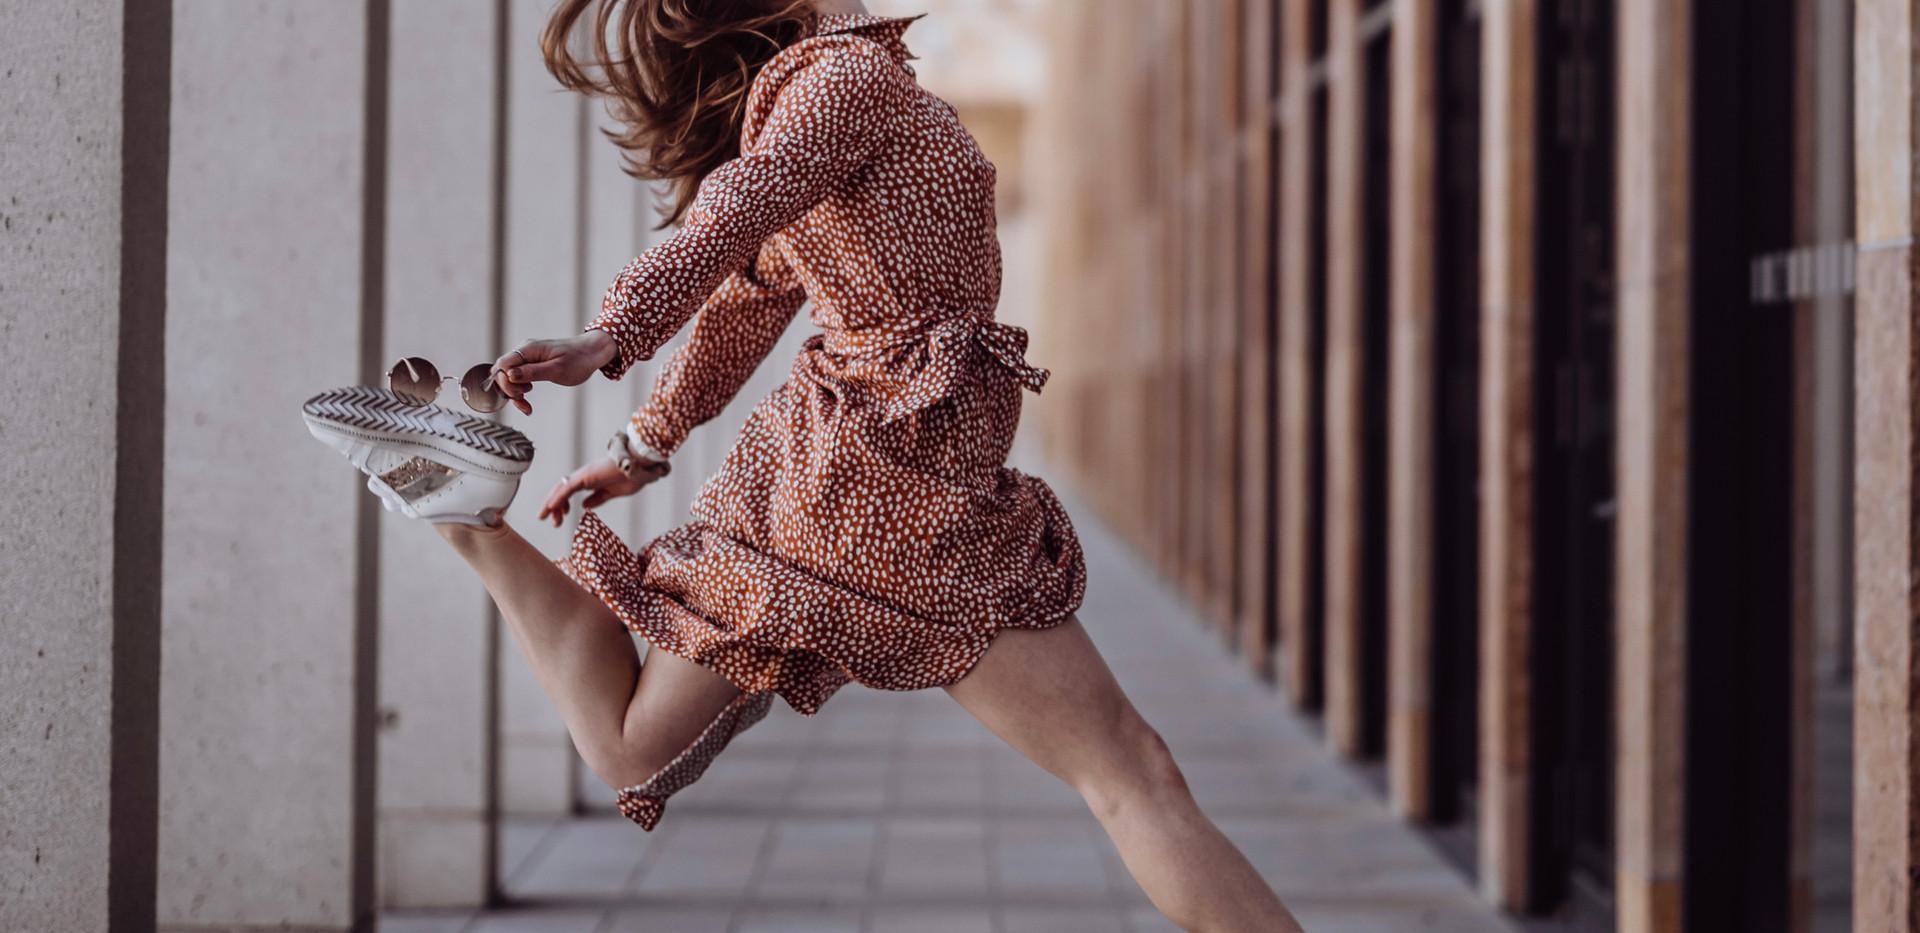 Neben der Fotografie hat auch das Tanzen einen wichtigen Platz in meinem Leben.